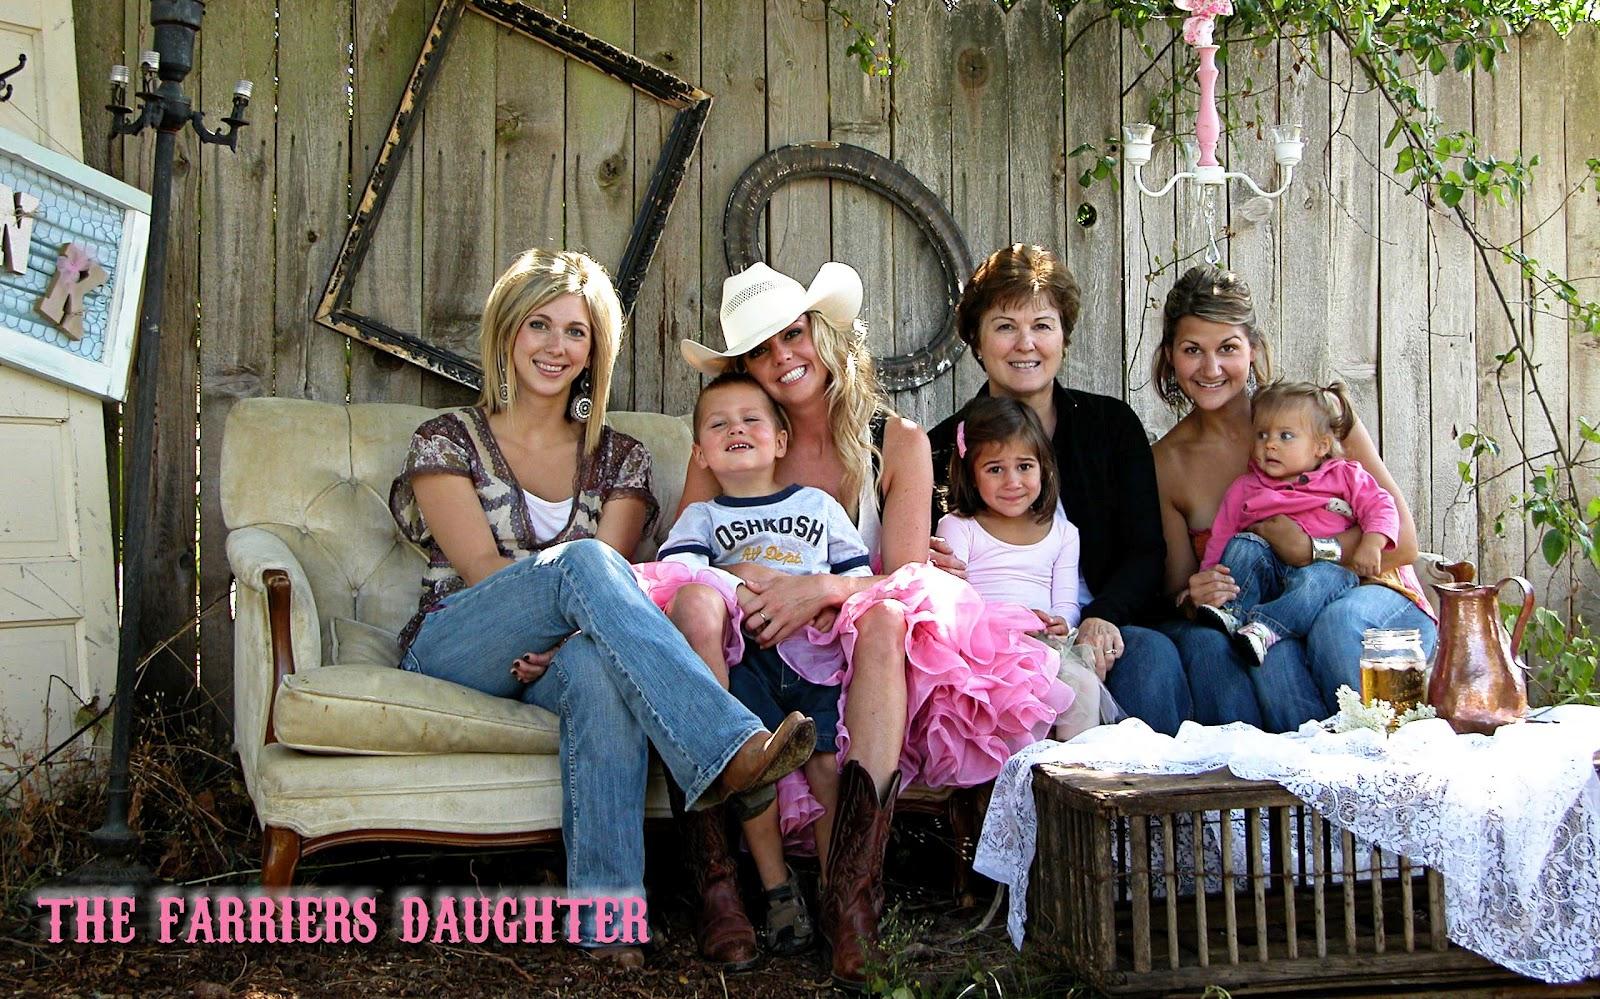 Backyard Family Portrait Ideas : Unique Outdoor Family Portrait Ideas Fun family photo shoot ideas